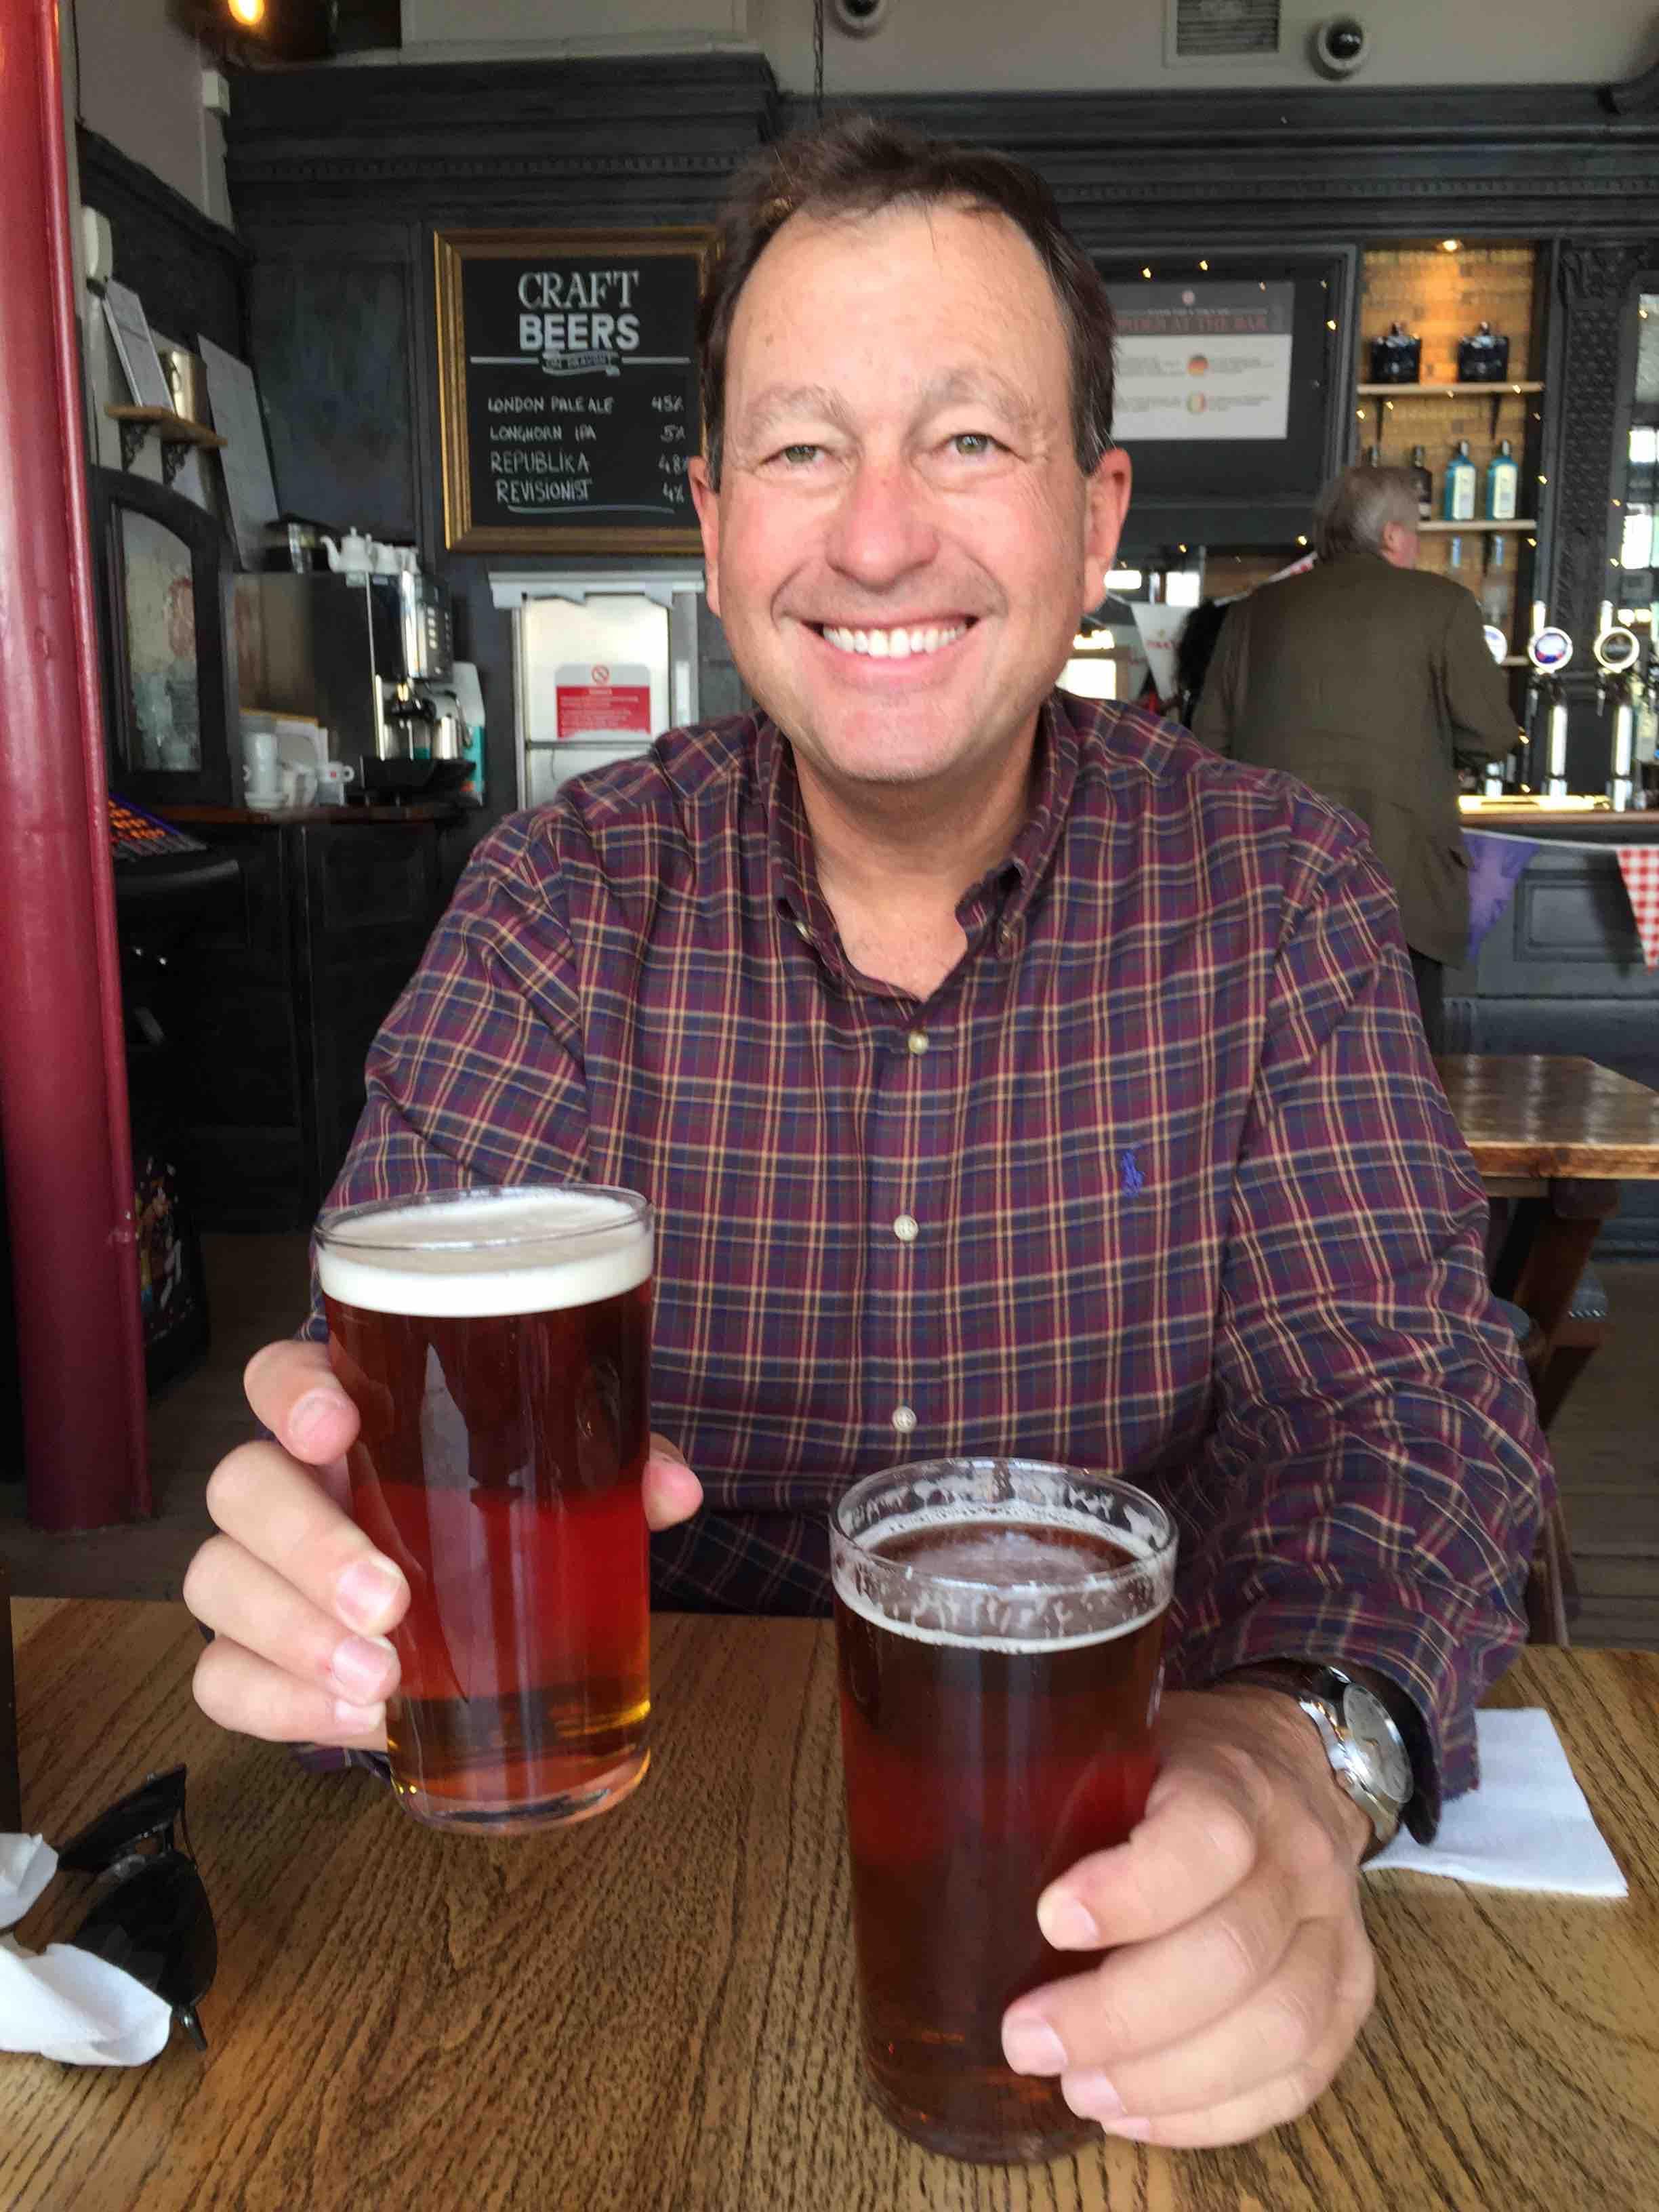 Eric Fuller having two pints of bitter